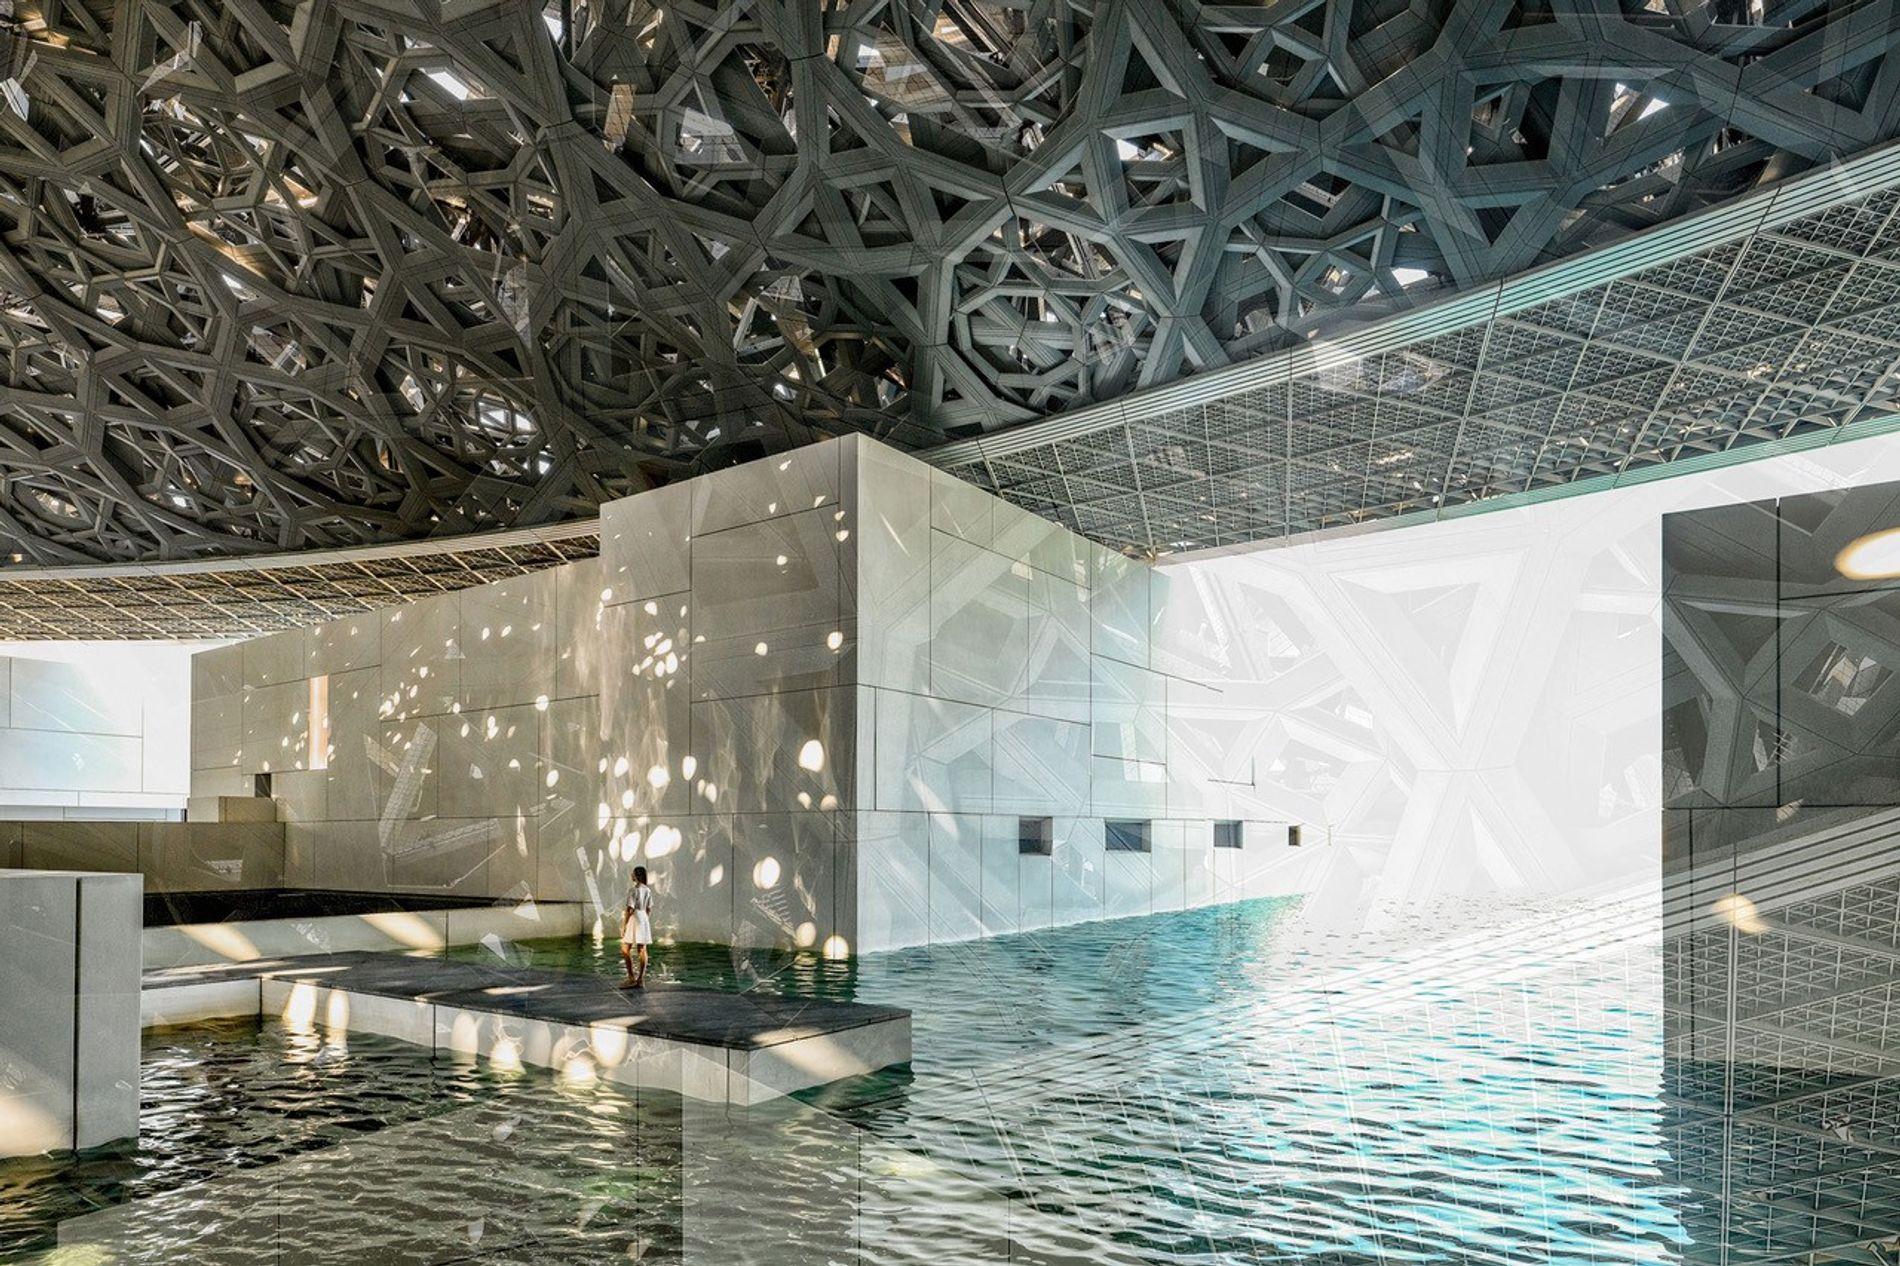 Abu Dhabi, Vereinigte Arabische Emirate, 2018 Der Louvre Abu Dhabi ist das größte Kunstmuseum der arabischen Halbinsel mit einer scheinbar schwebenden Kuppelstruktur aus Aluminium. Eine Oase am Rande der Stadt.